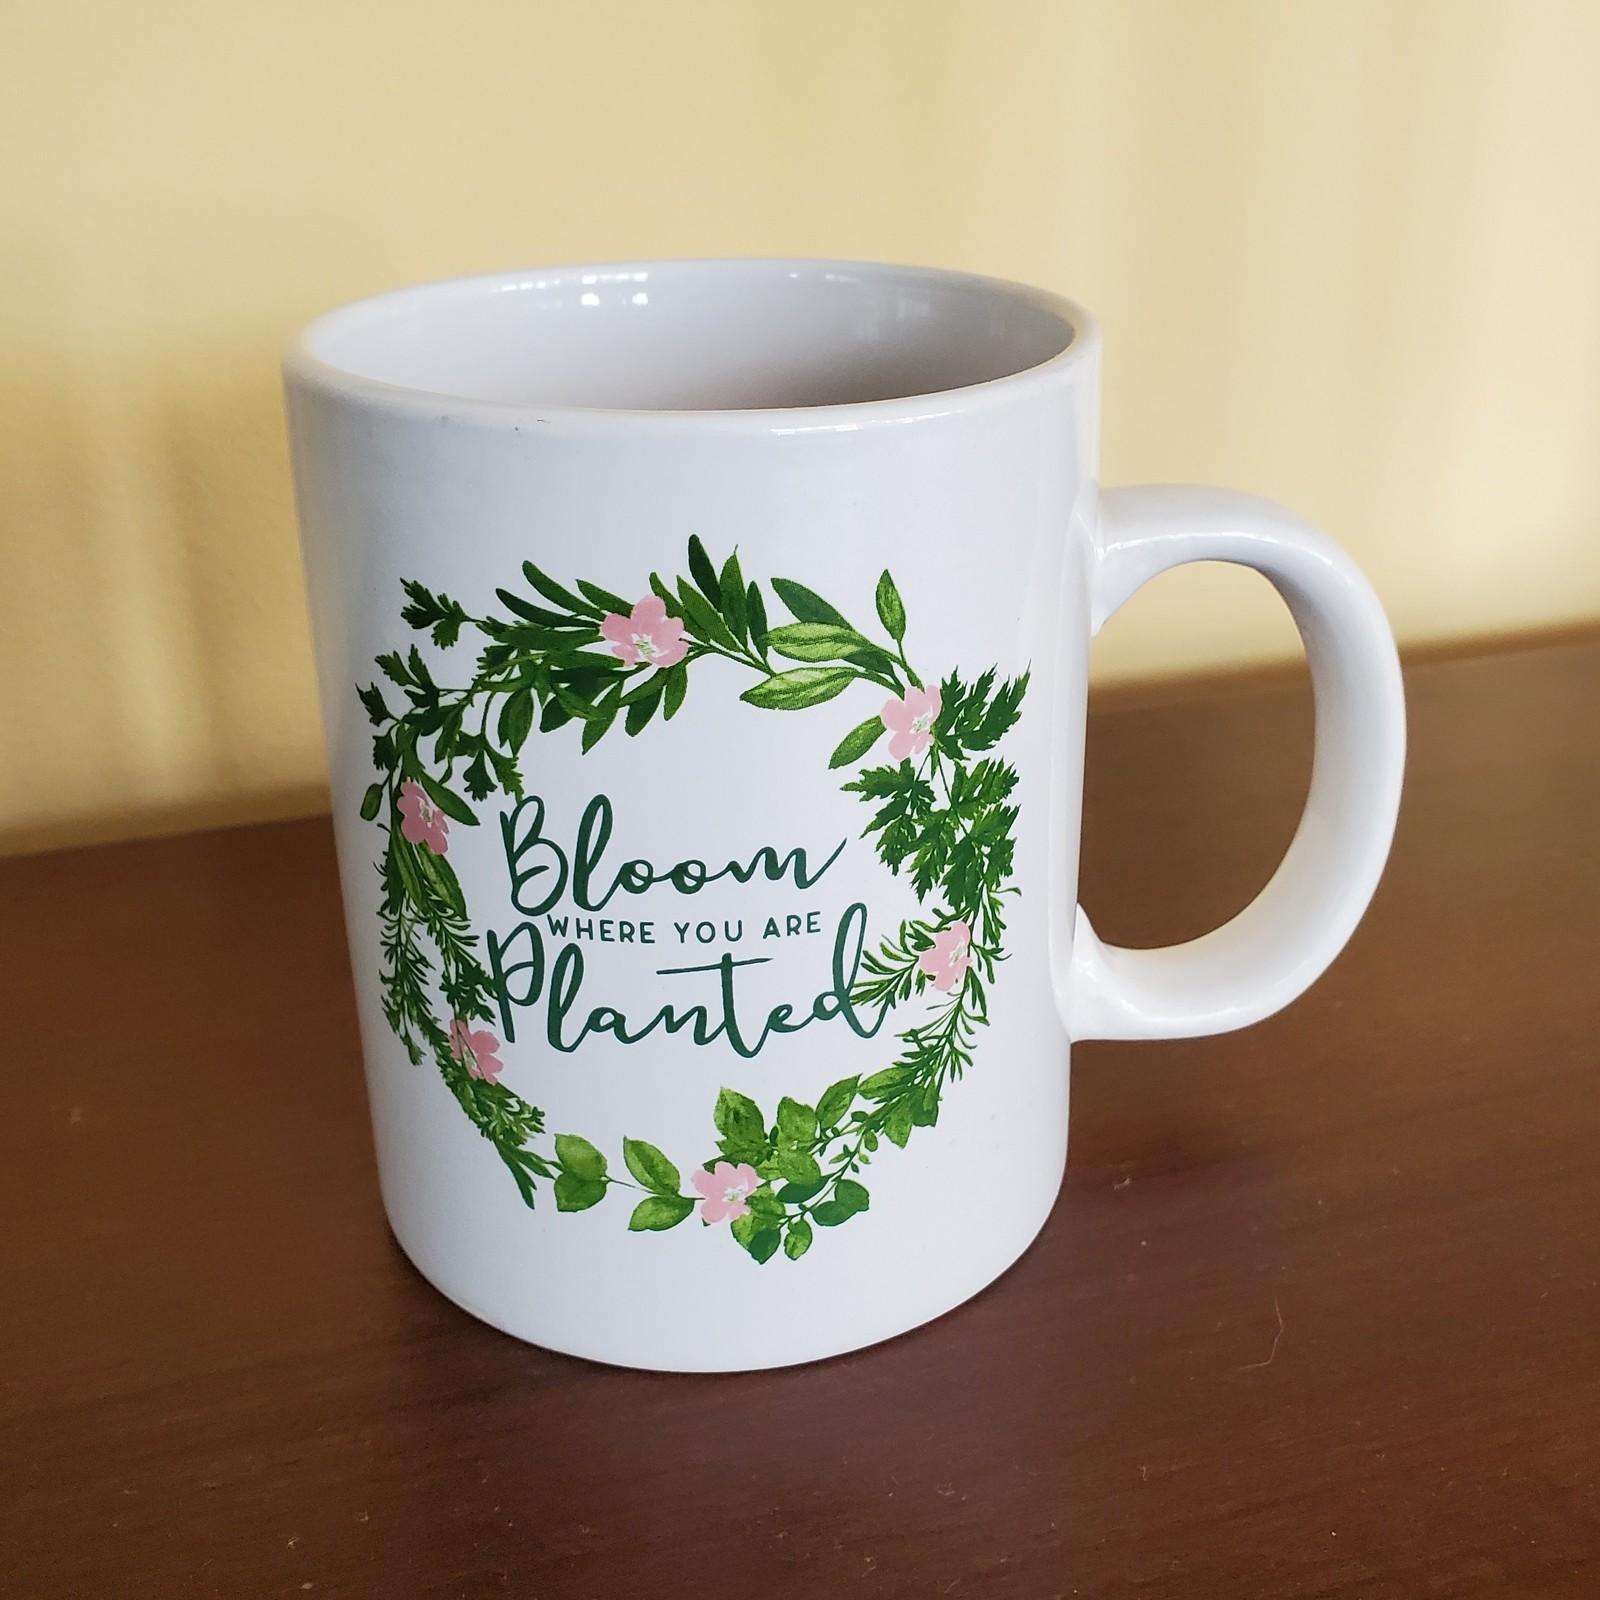 Mug bloomwhereplanted 1